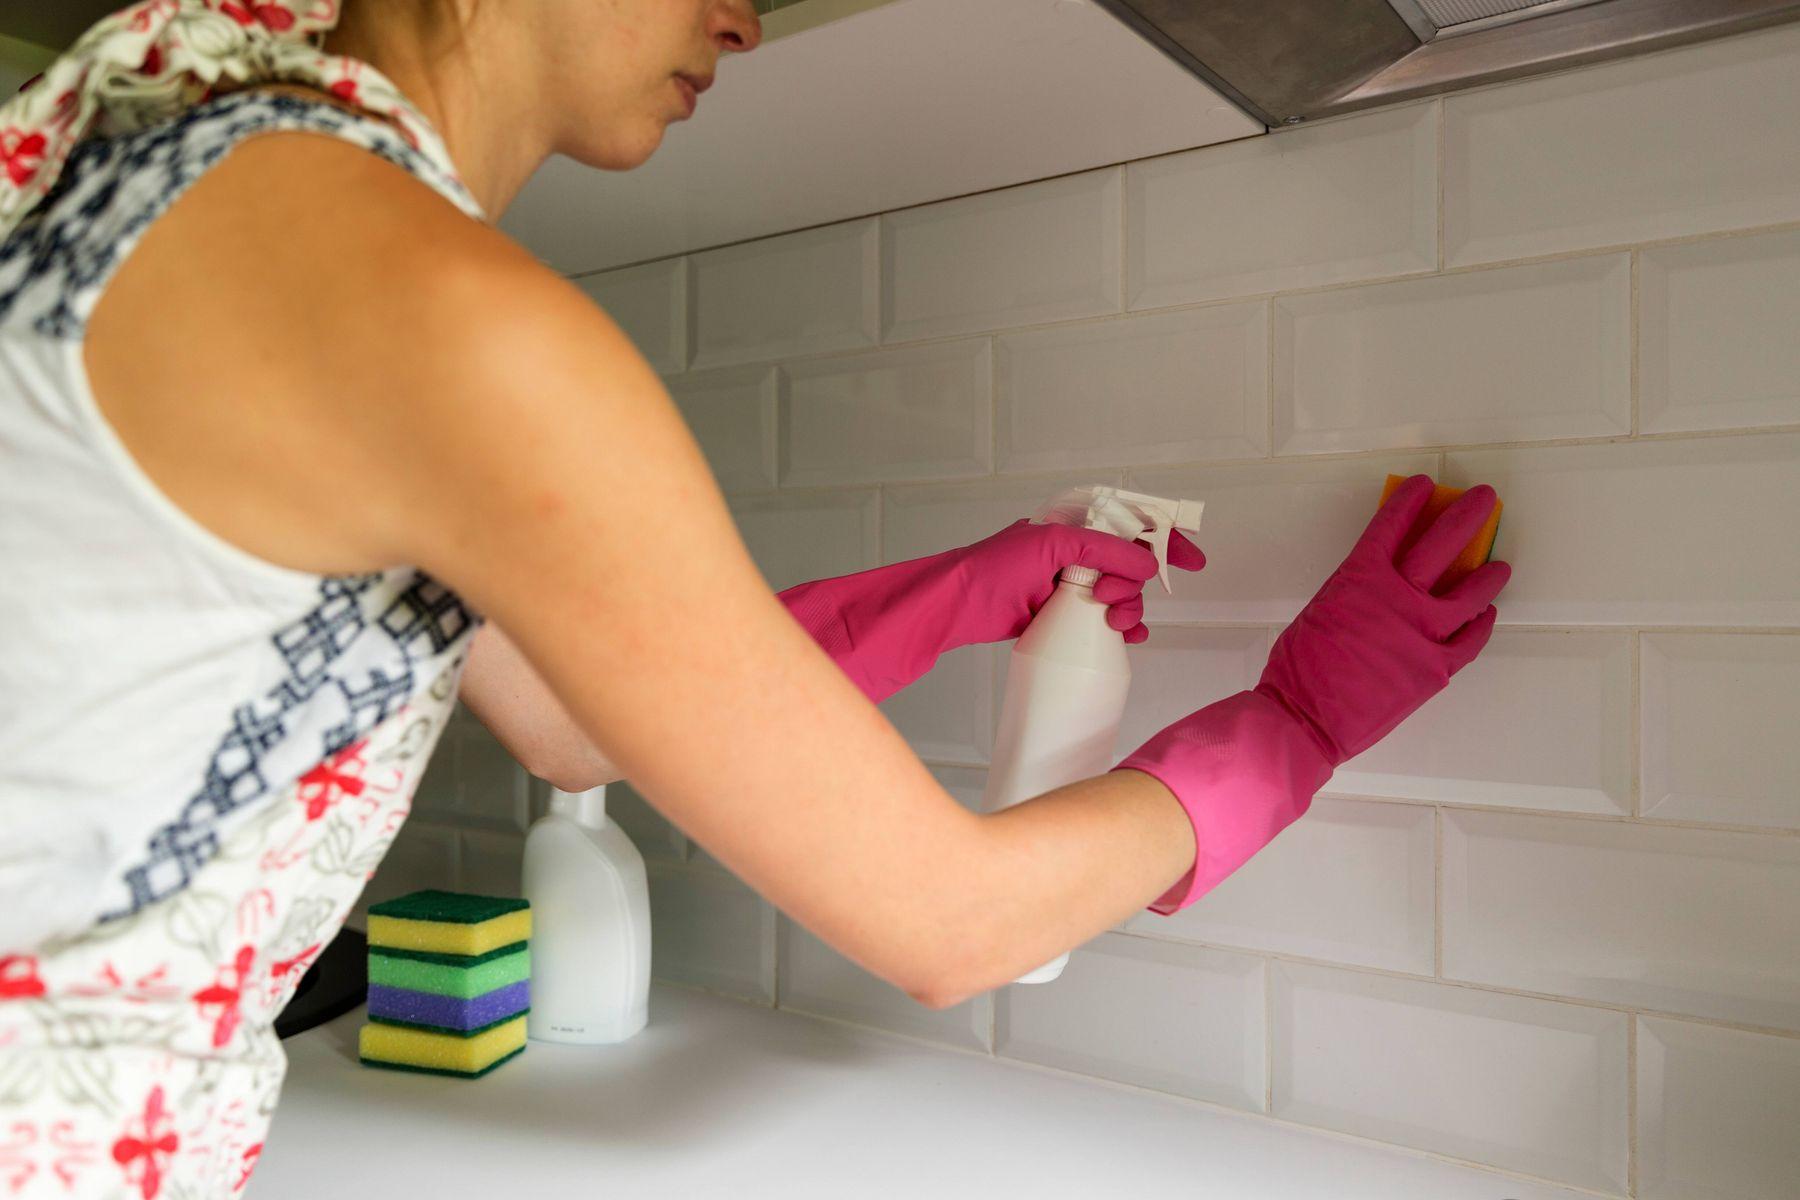 Pessoa com luvas rosas limpando o azuleijo da cozinha com multiuso e esponja